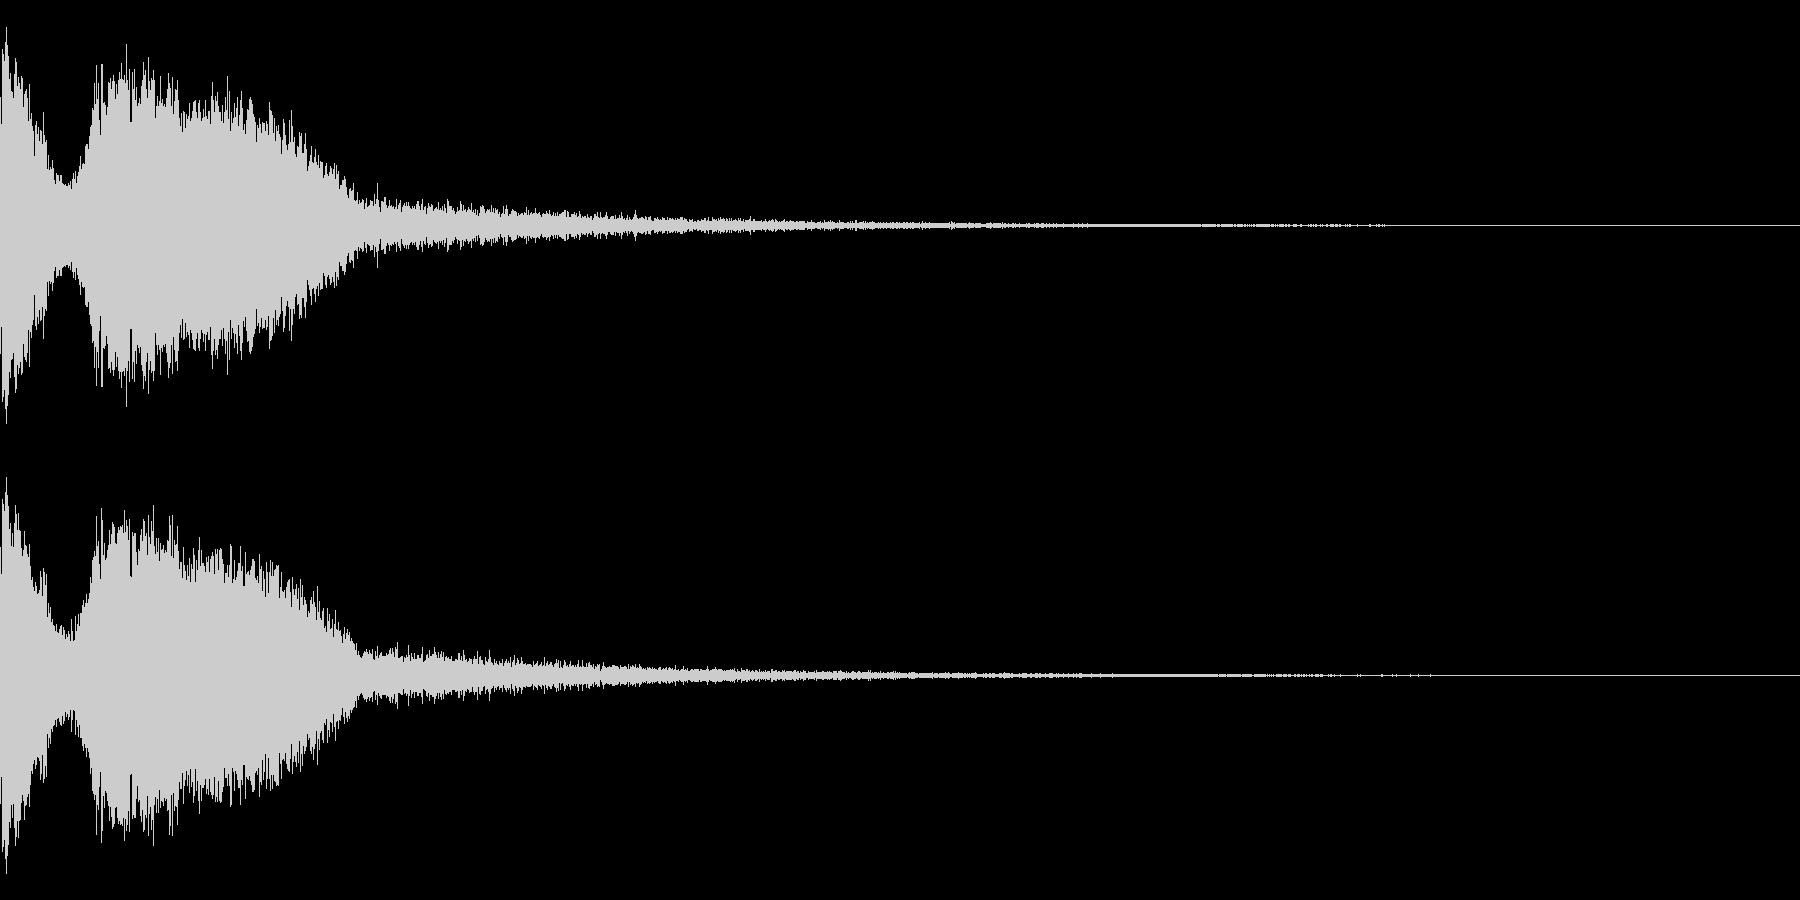 DJFX ヒットチャート発表前SE 1の未再生の波形